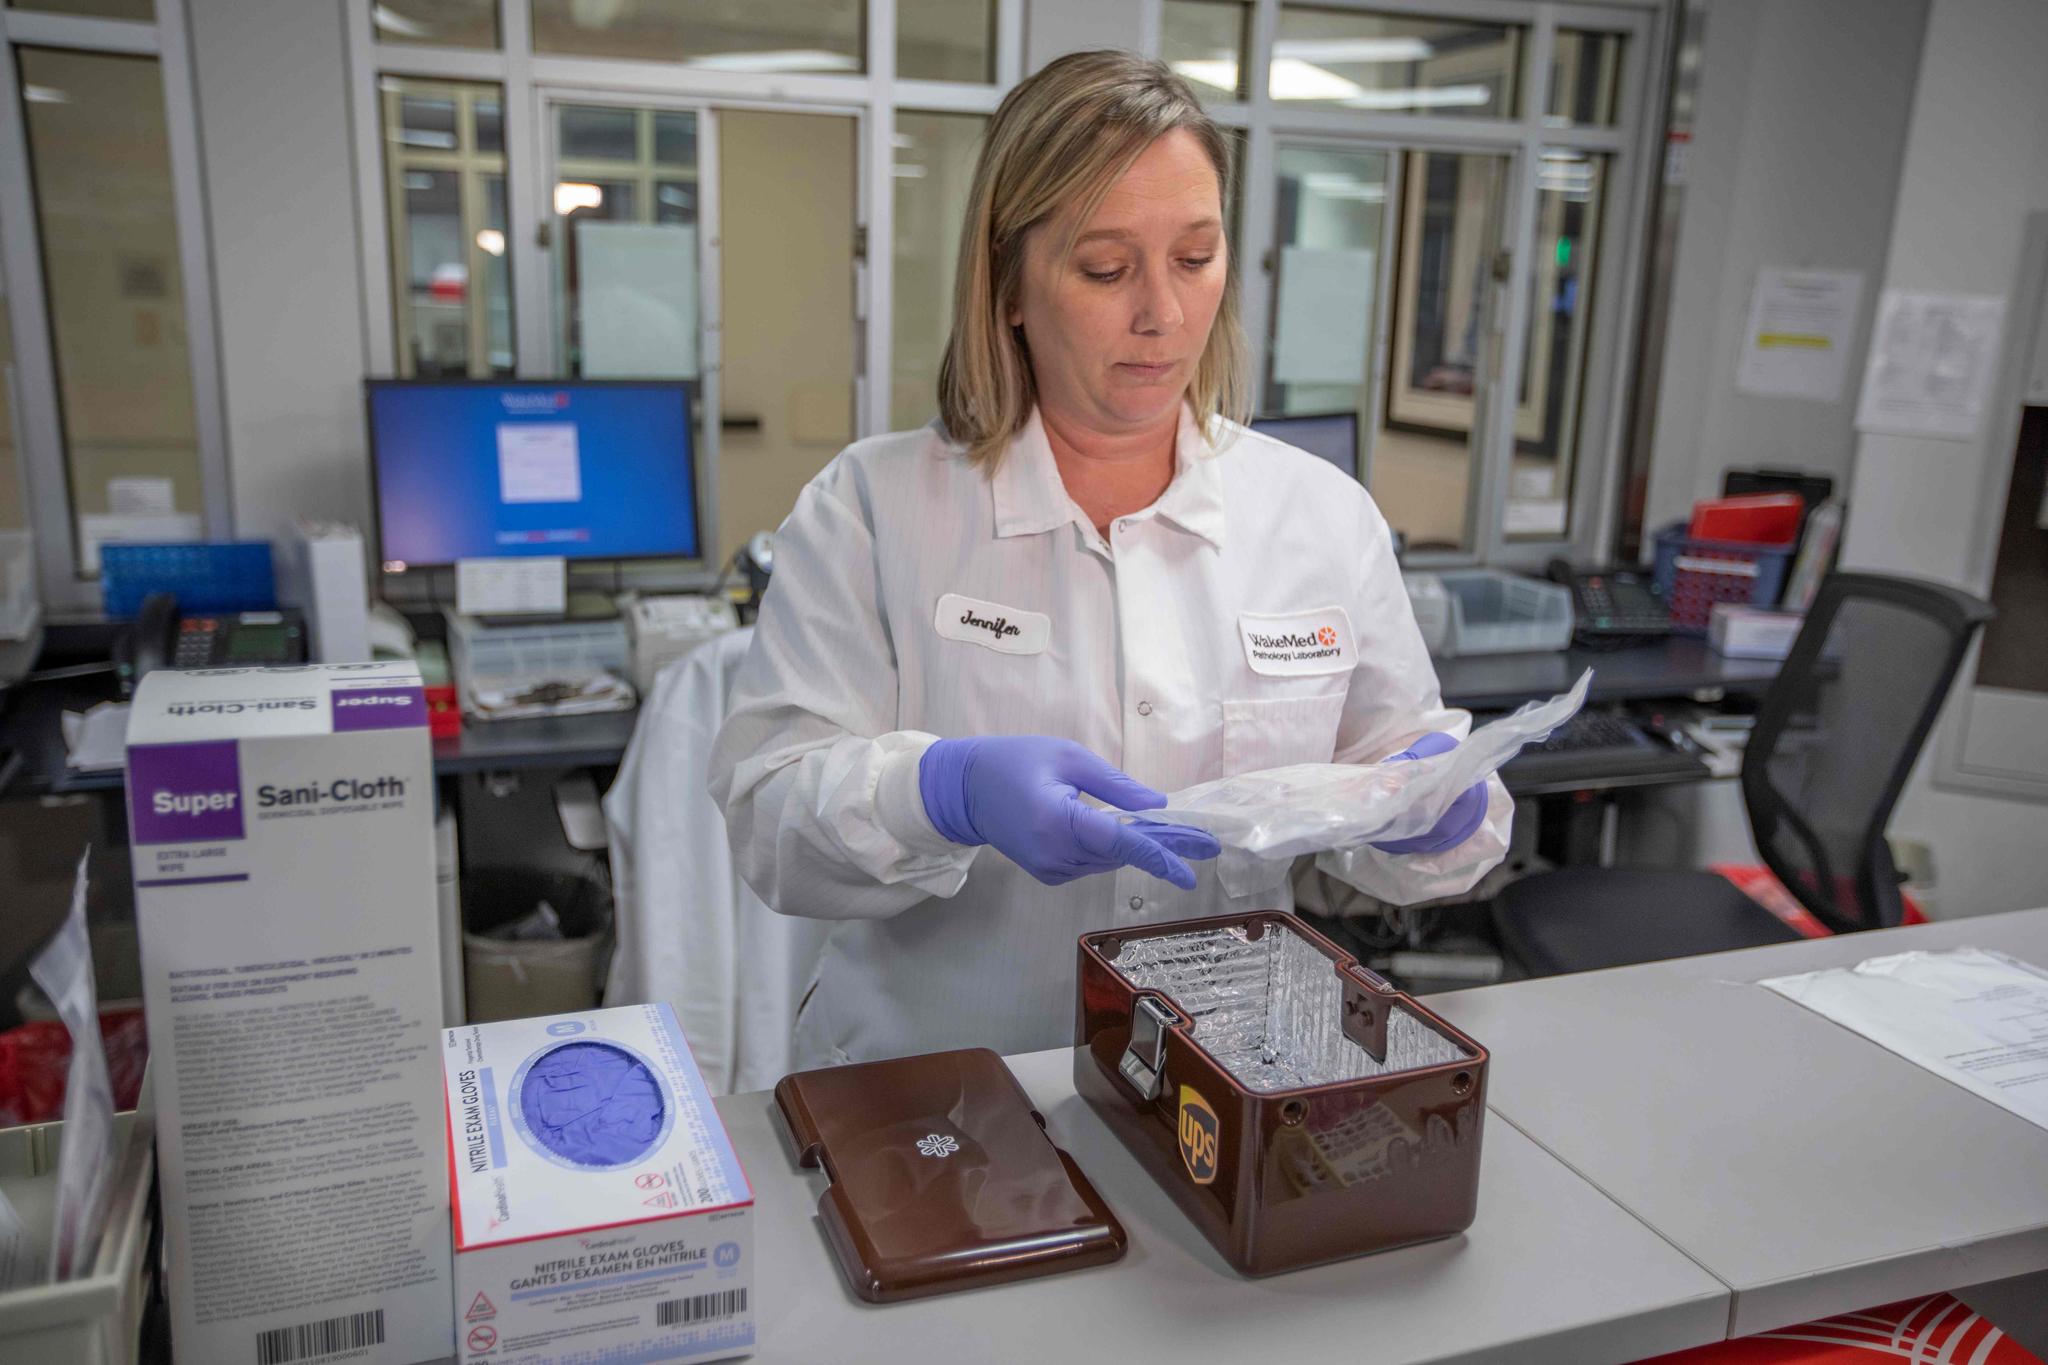 지난 3월 미국 노스캐롤라이나주 랄레이에 있는 웨이크메드 병원에서 한 연구원이 드론이 배송한 의료 샘플을 살펴보고 있다. [AFP=연합뉴스]